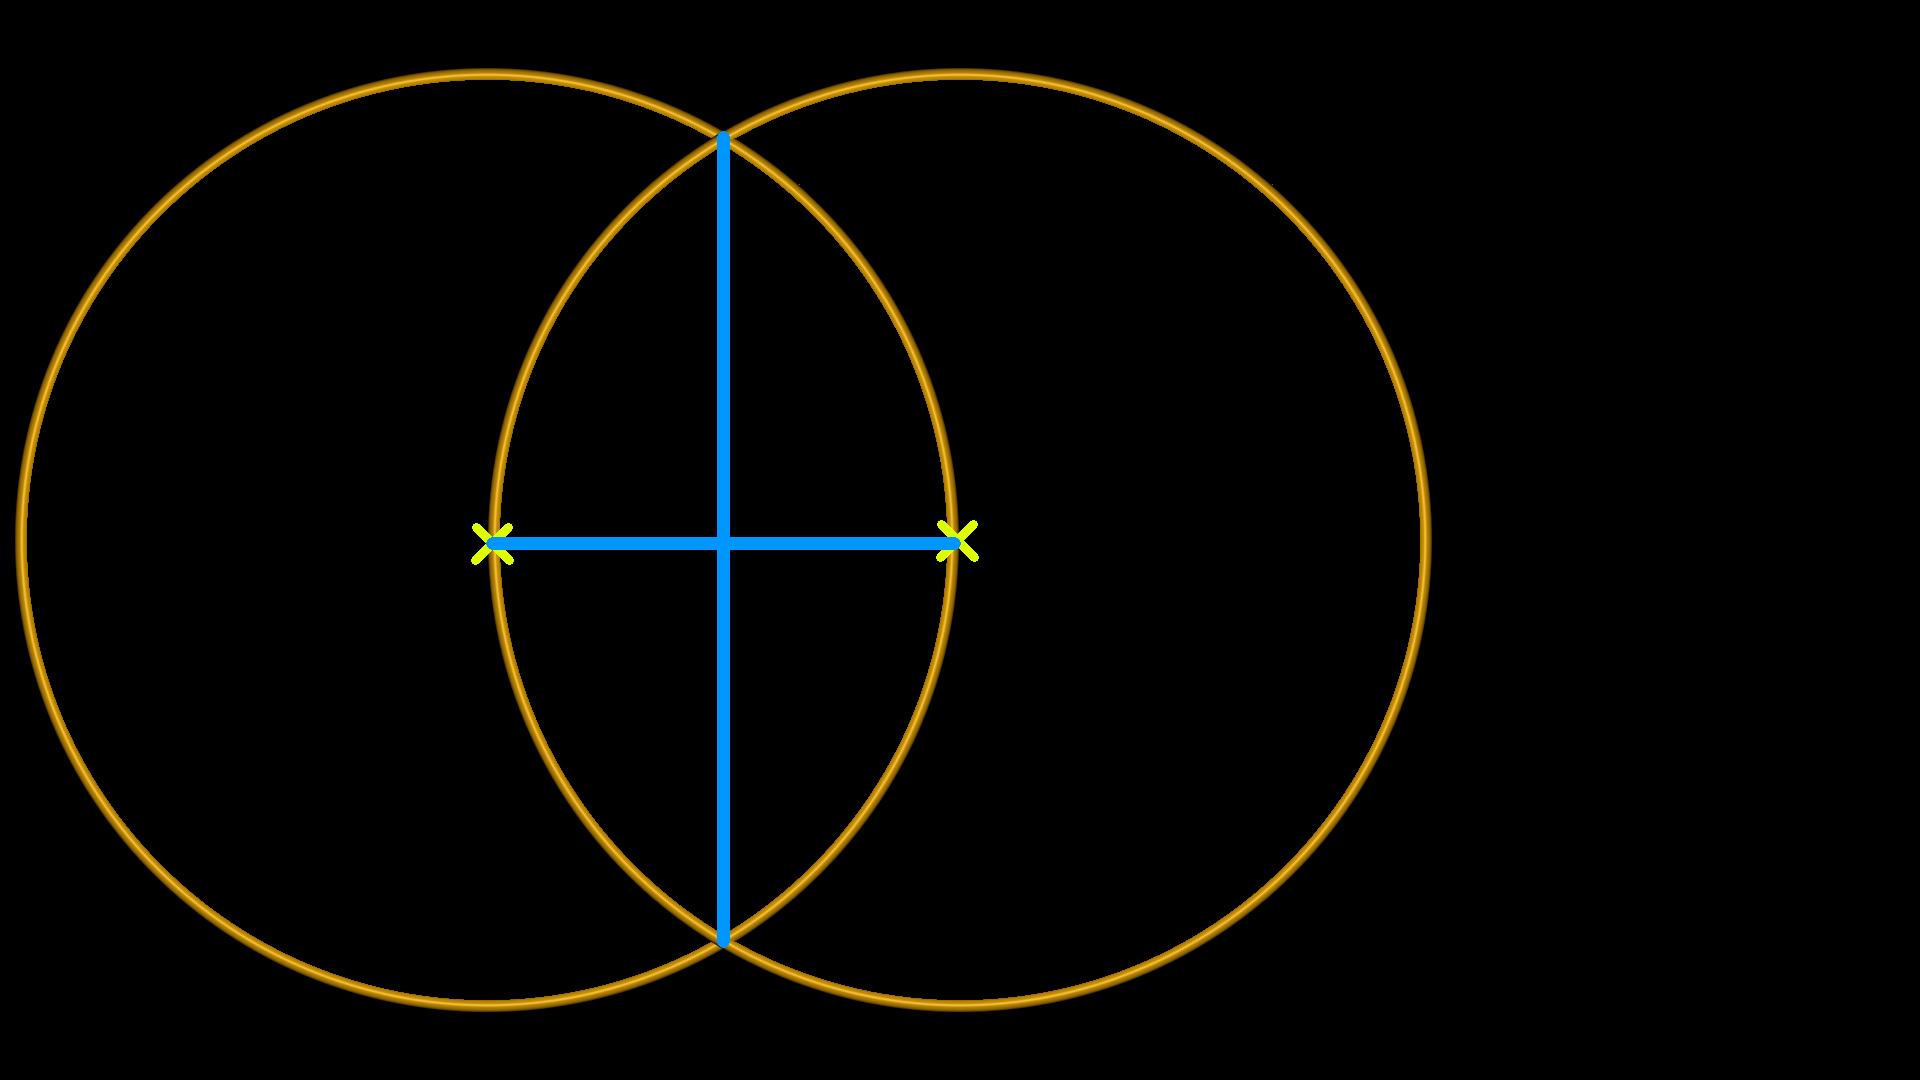 Zwei Kreise mit einem Kreuz in der Mitte